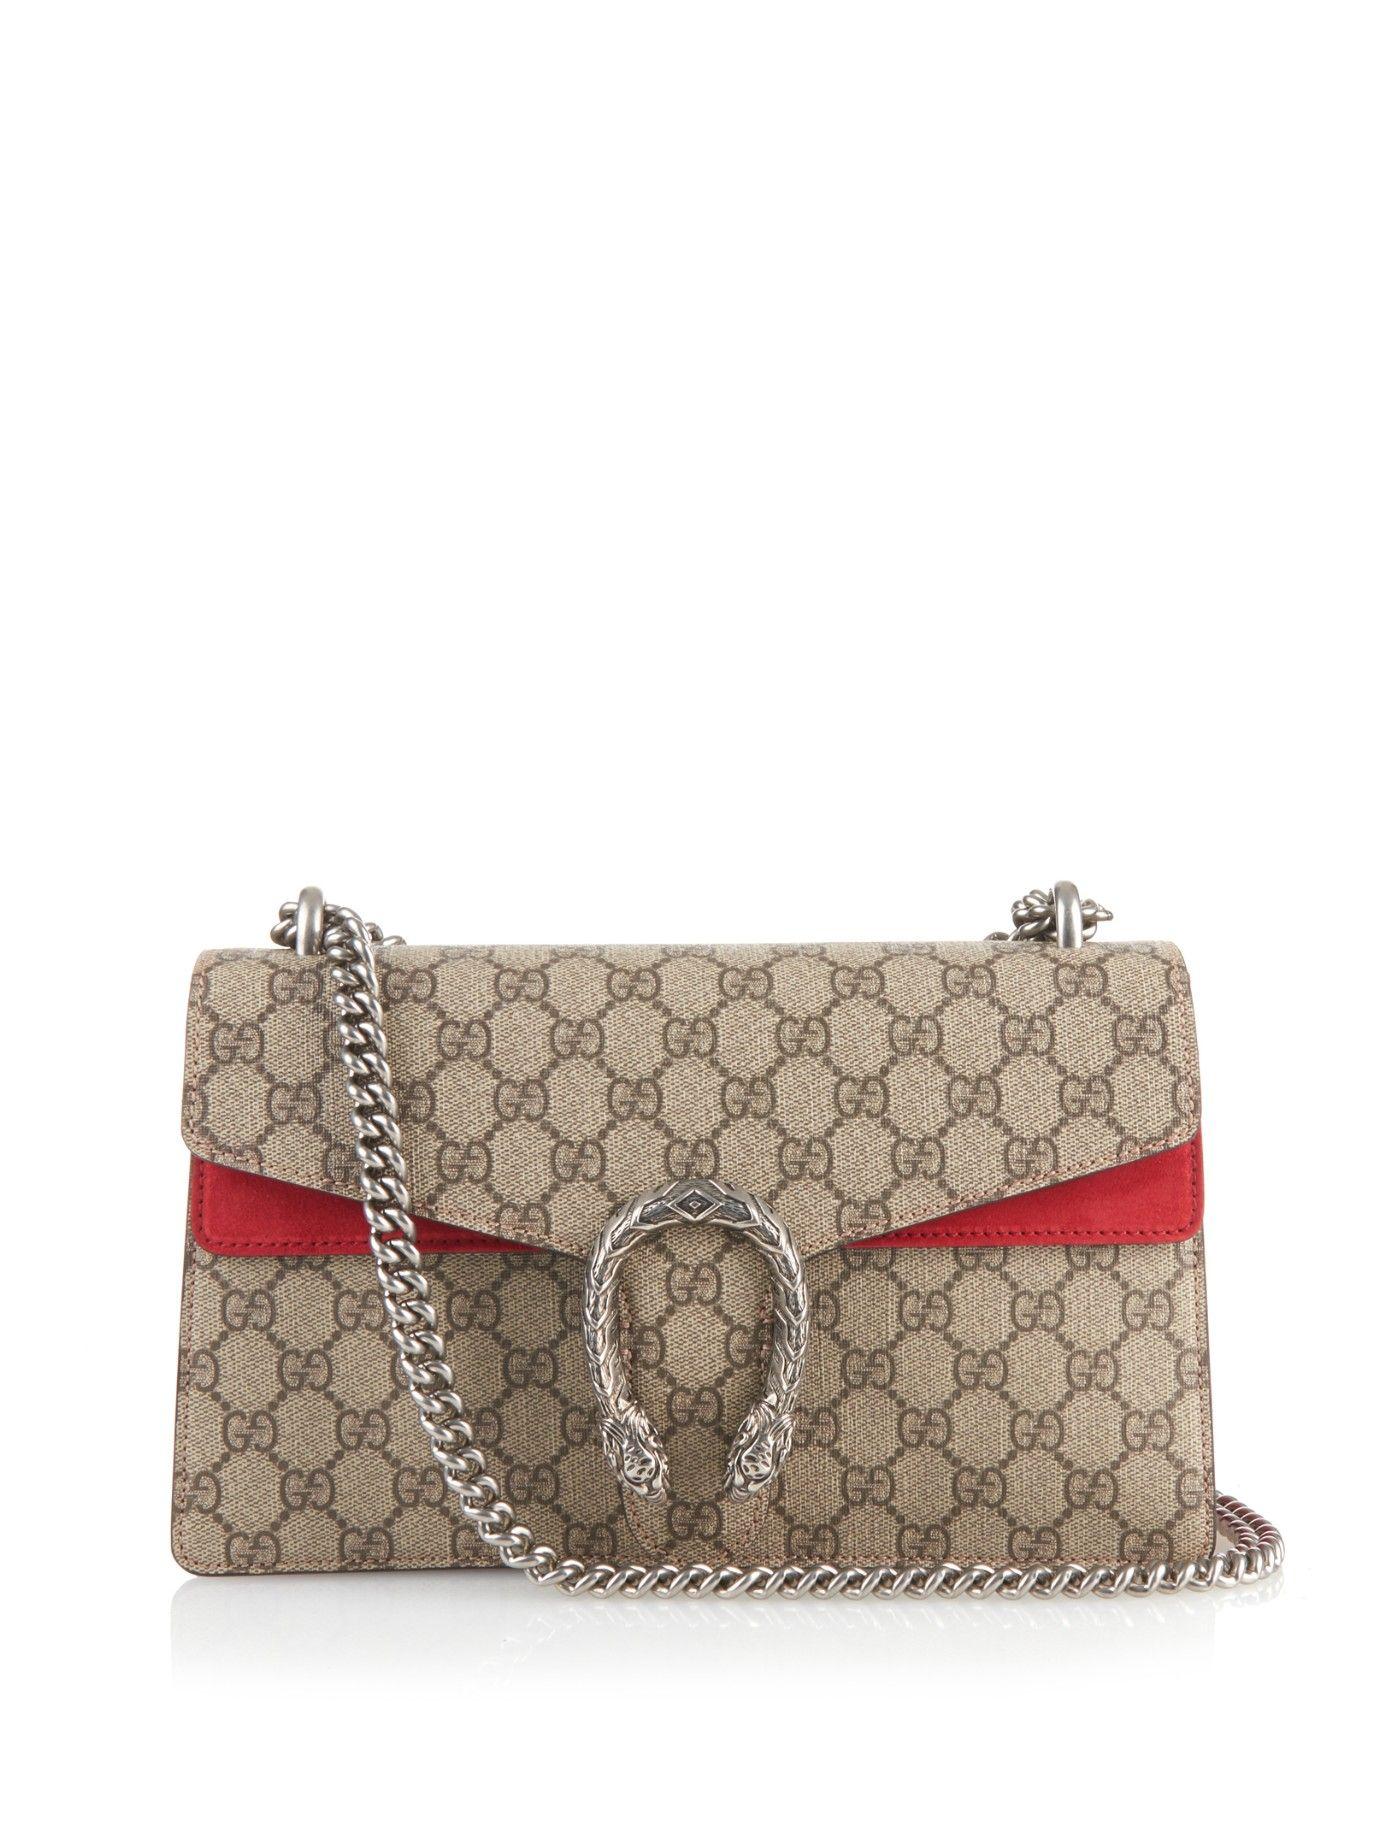 865af200877 Dionysus GG supreme canvas shoulder bag